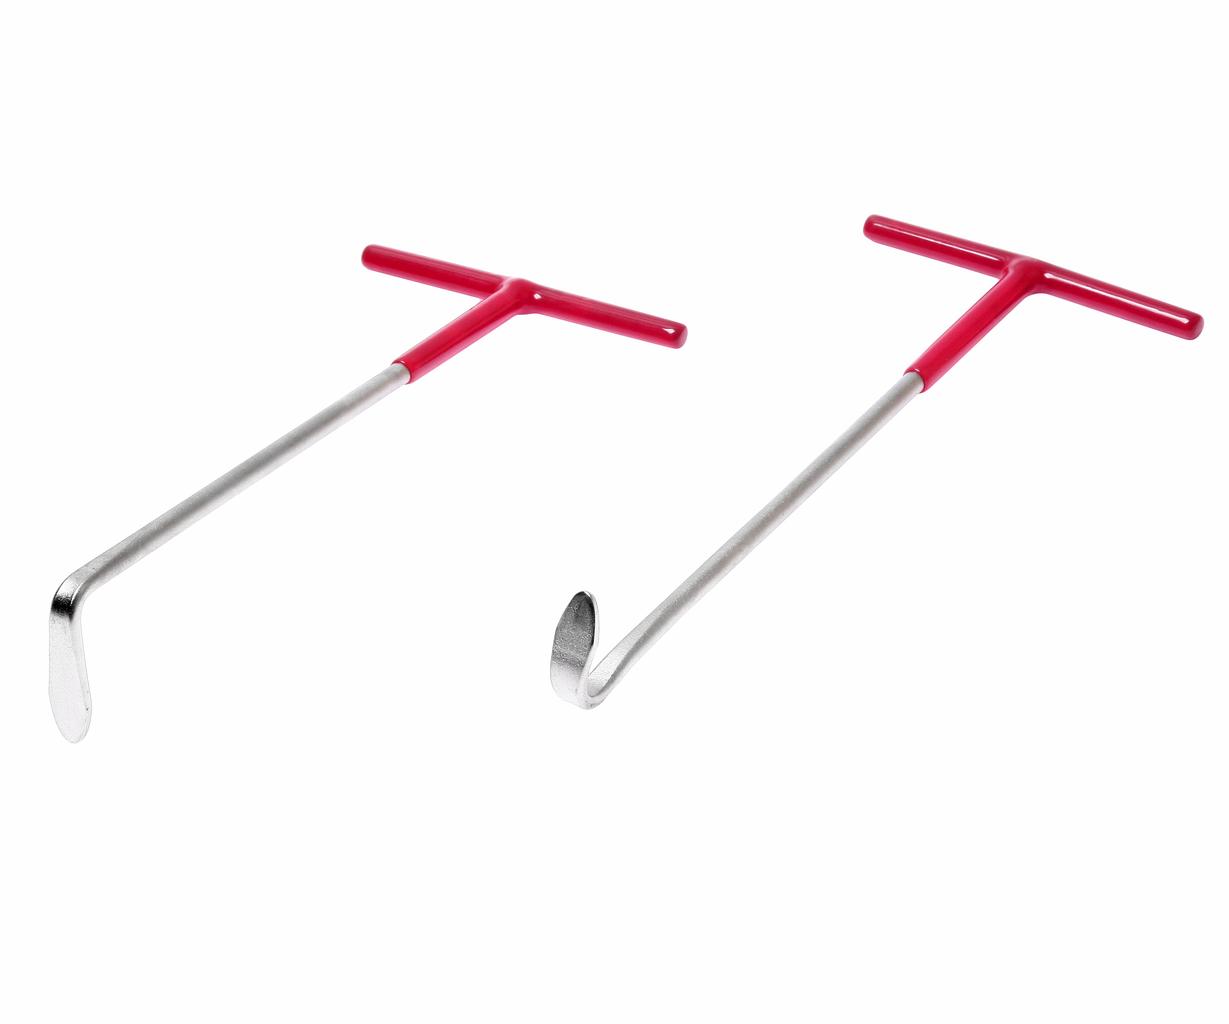 Крюки для снятия резиновых втулок крепления выхлопной